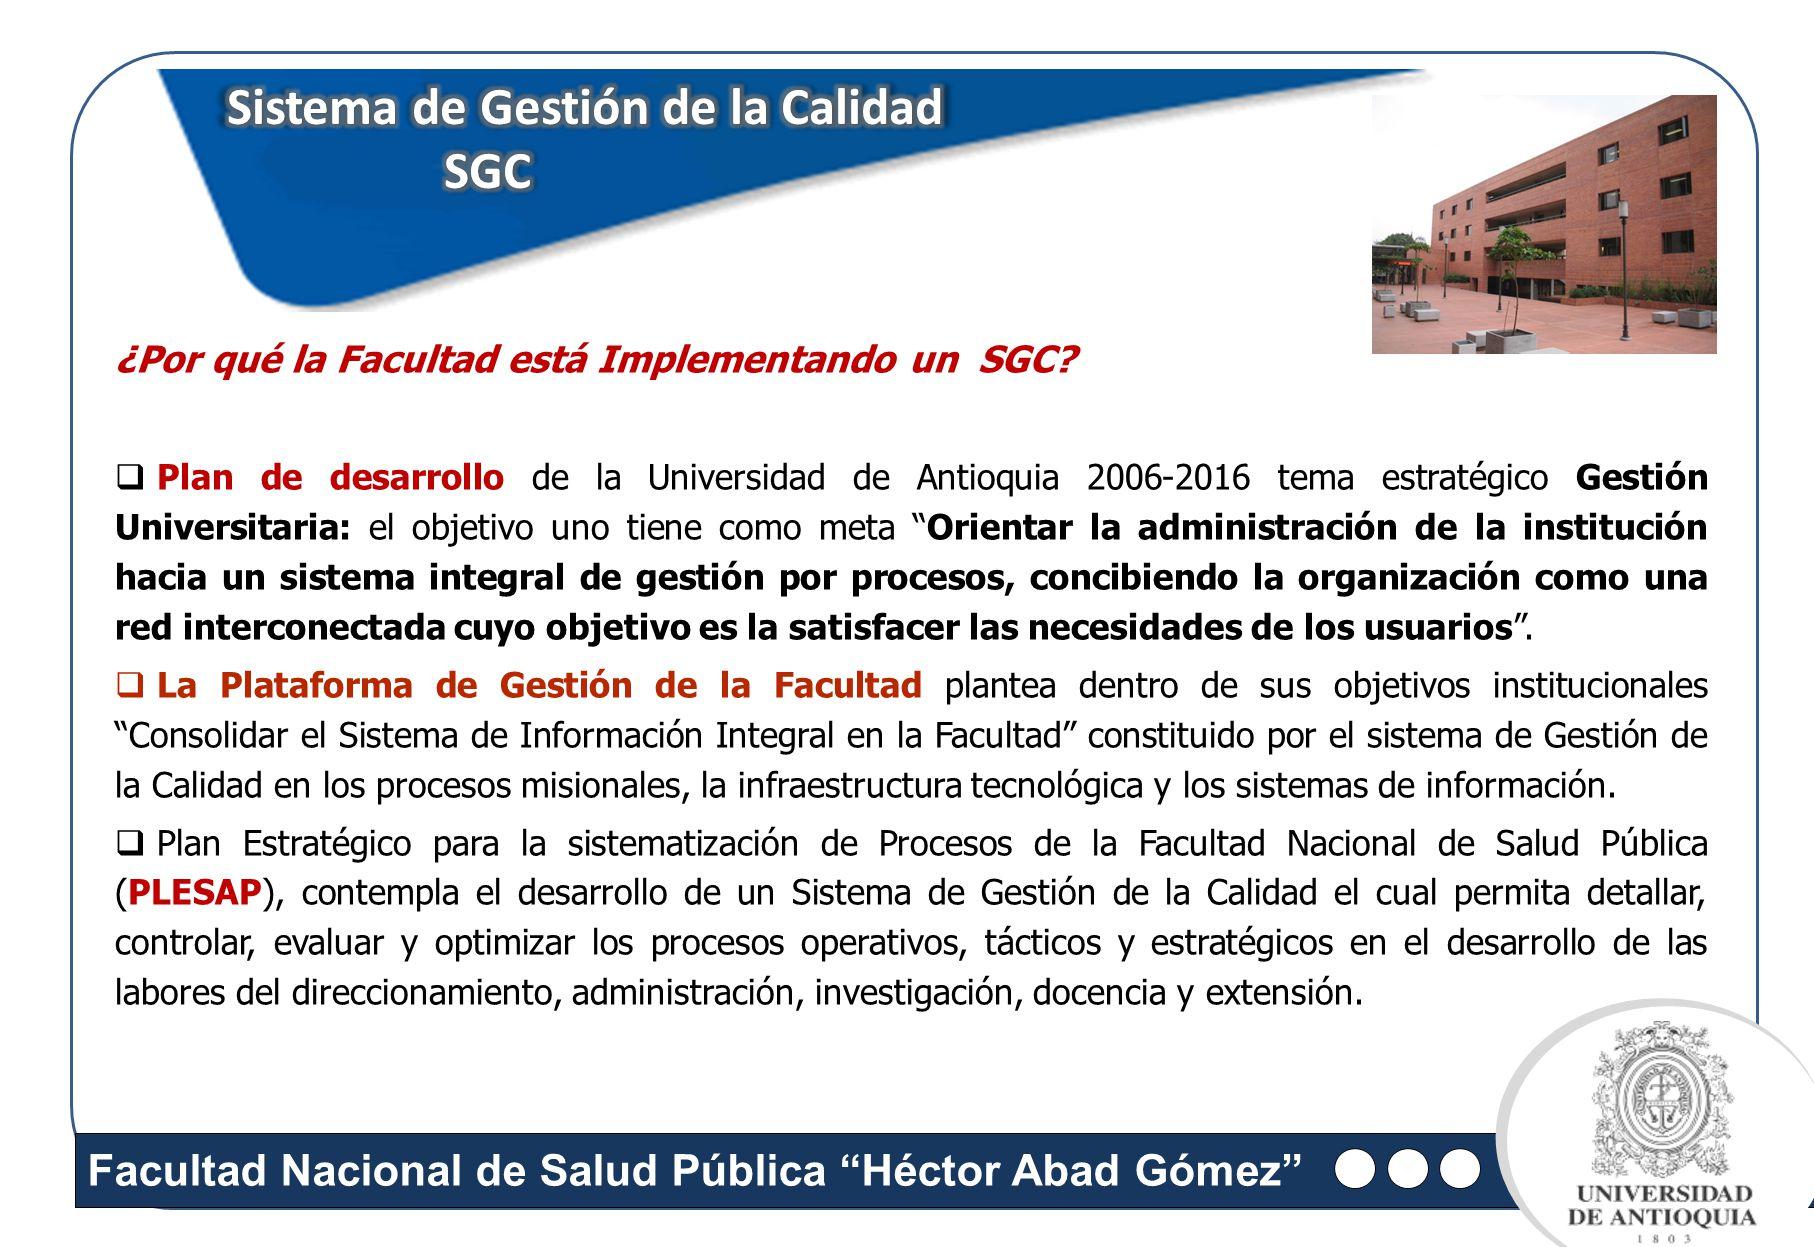 Facultad Nacional de Salud Pública Héctor Abad Gómez Sistema de Gestión de la Calidad SGC SGC ¿Por qué la Facultad está Implementando un SGC? Plan de